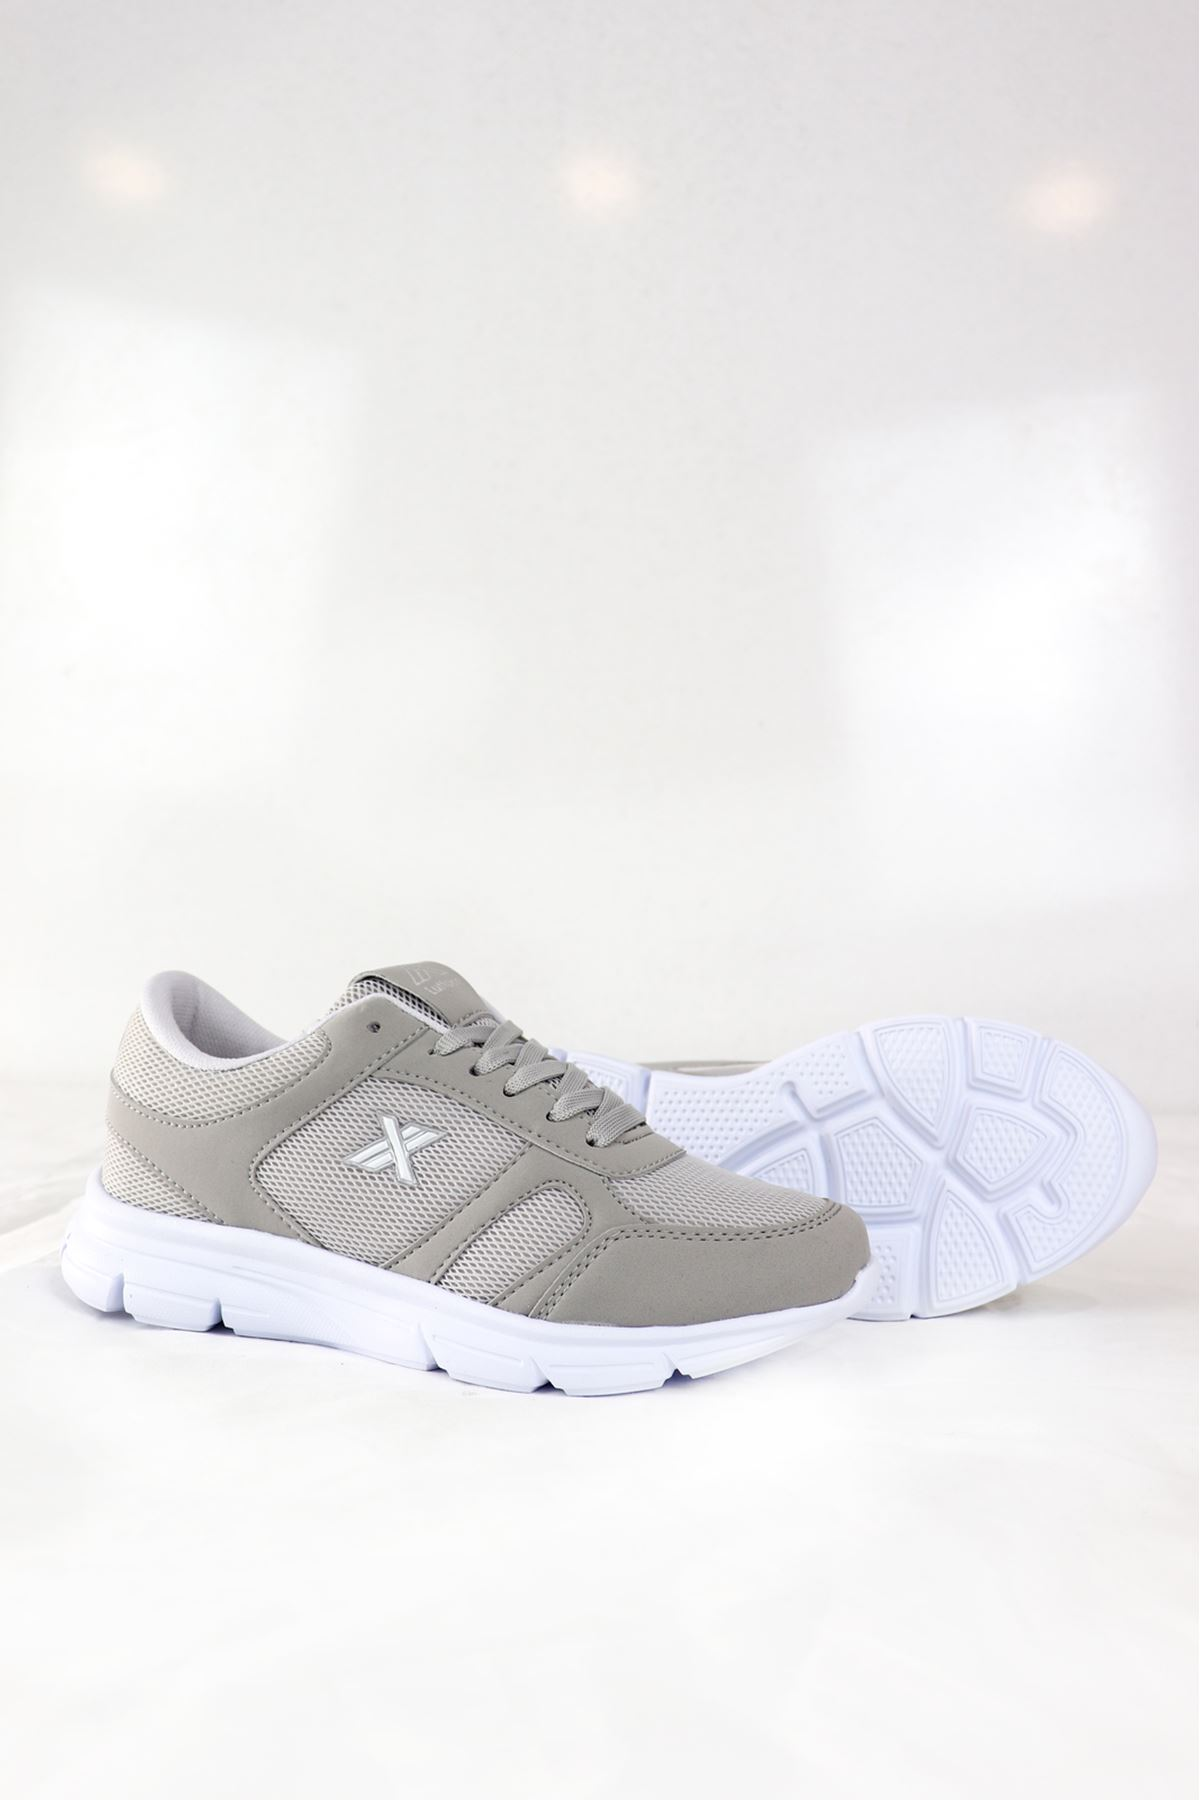 Trendayakkabı - 203 - Buz Gümüş Kadın Spor Ayakkabısı